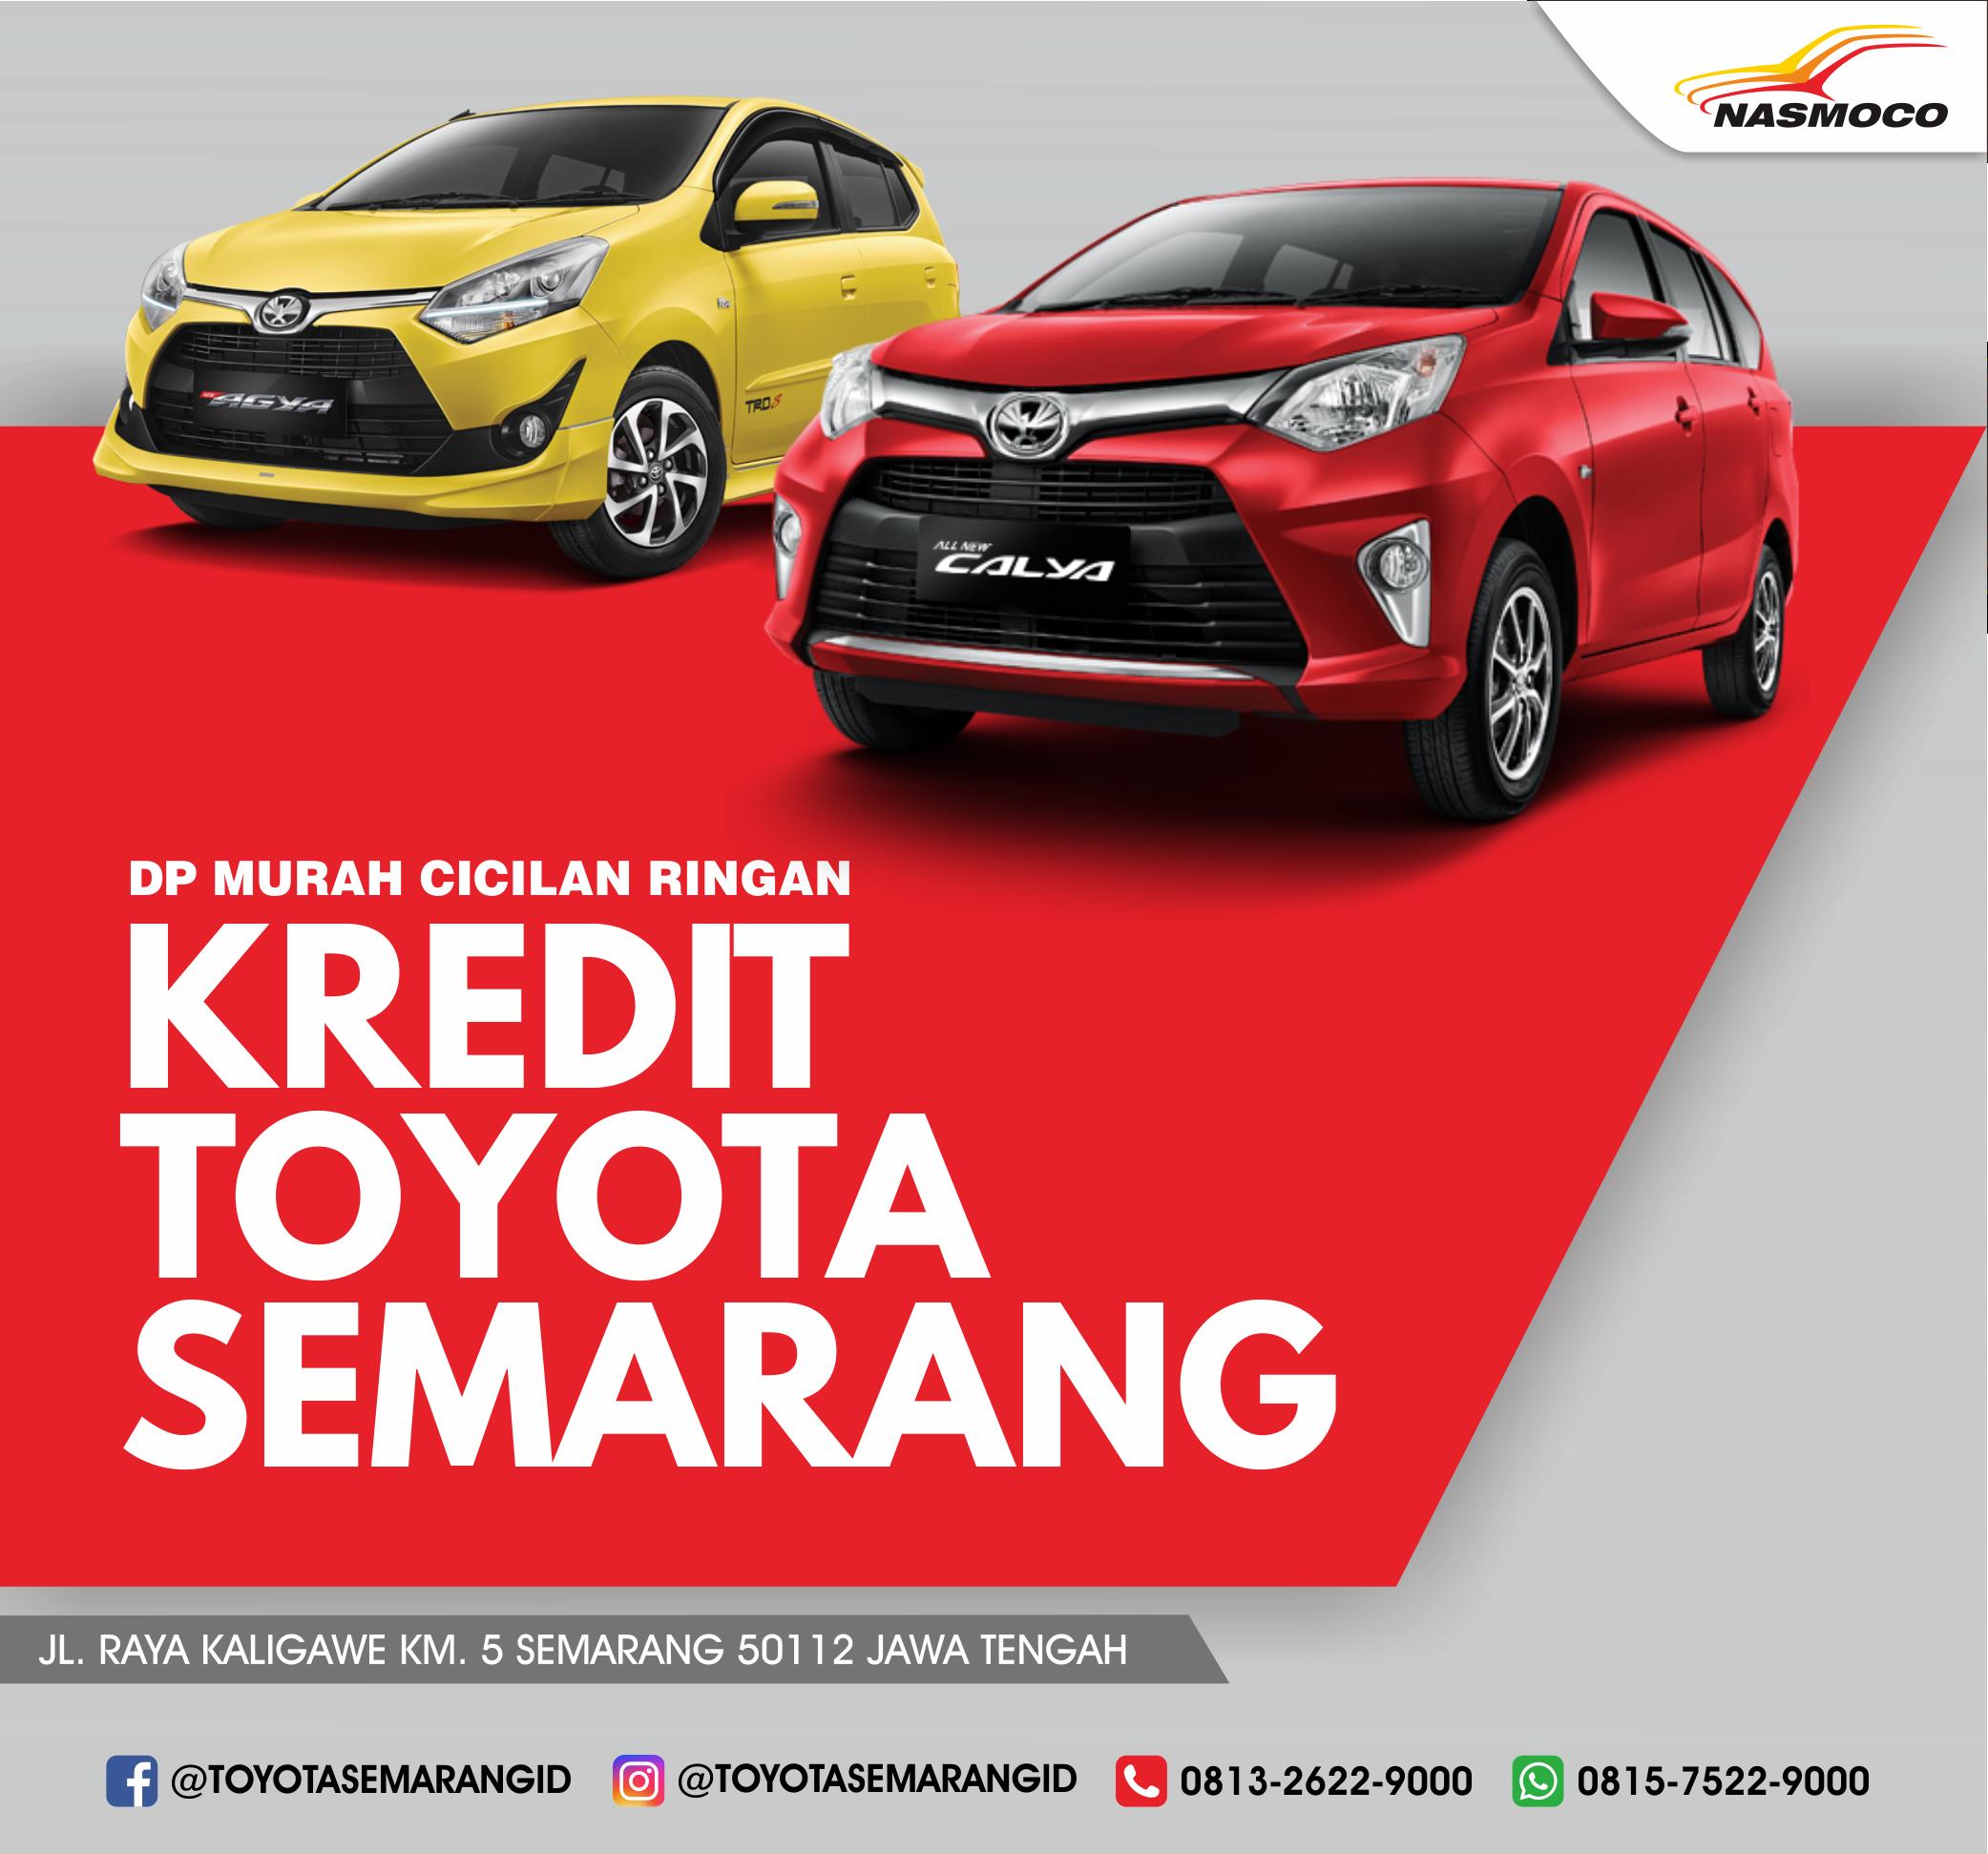 Kredit Toyota Semarang Dapatkan Mobil Pribadi Toyota Idaman Anda Melalui Pengajuan Kredit Toyota Semarang Nasmoco Kredit Mobil Toyota Toyota Semarang Mobil